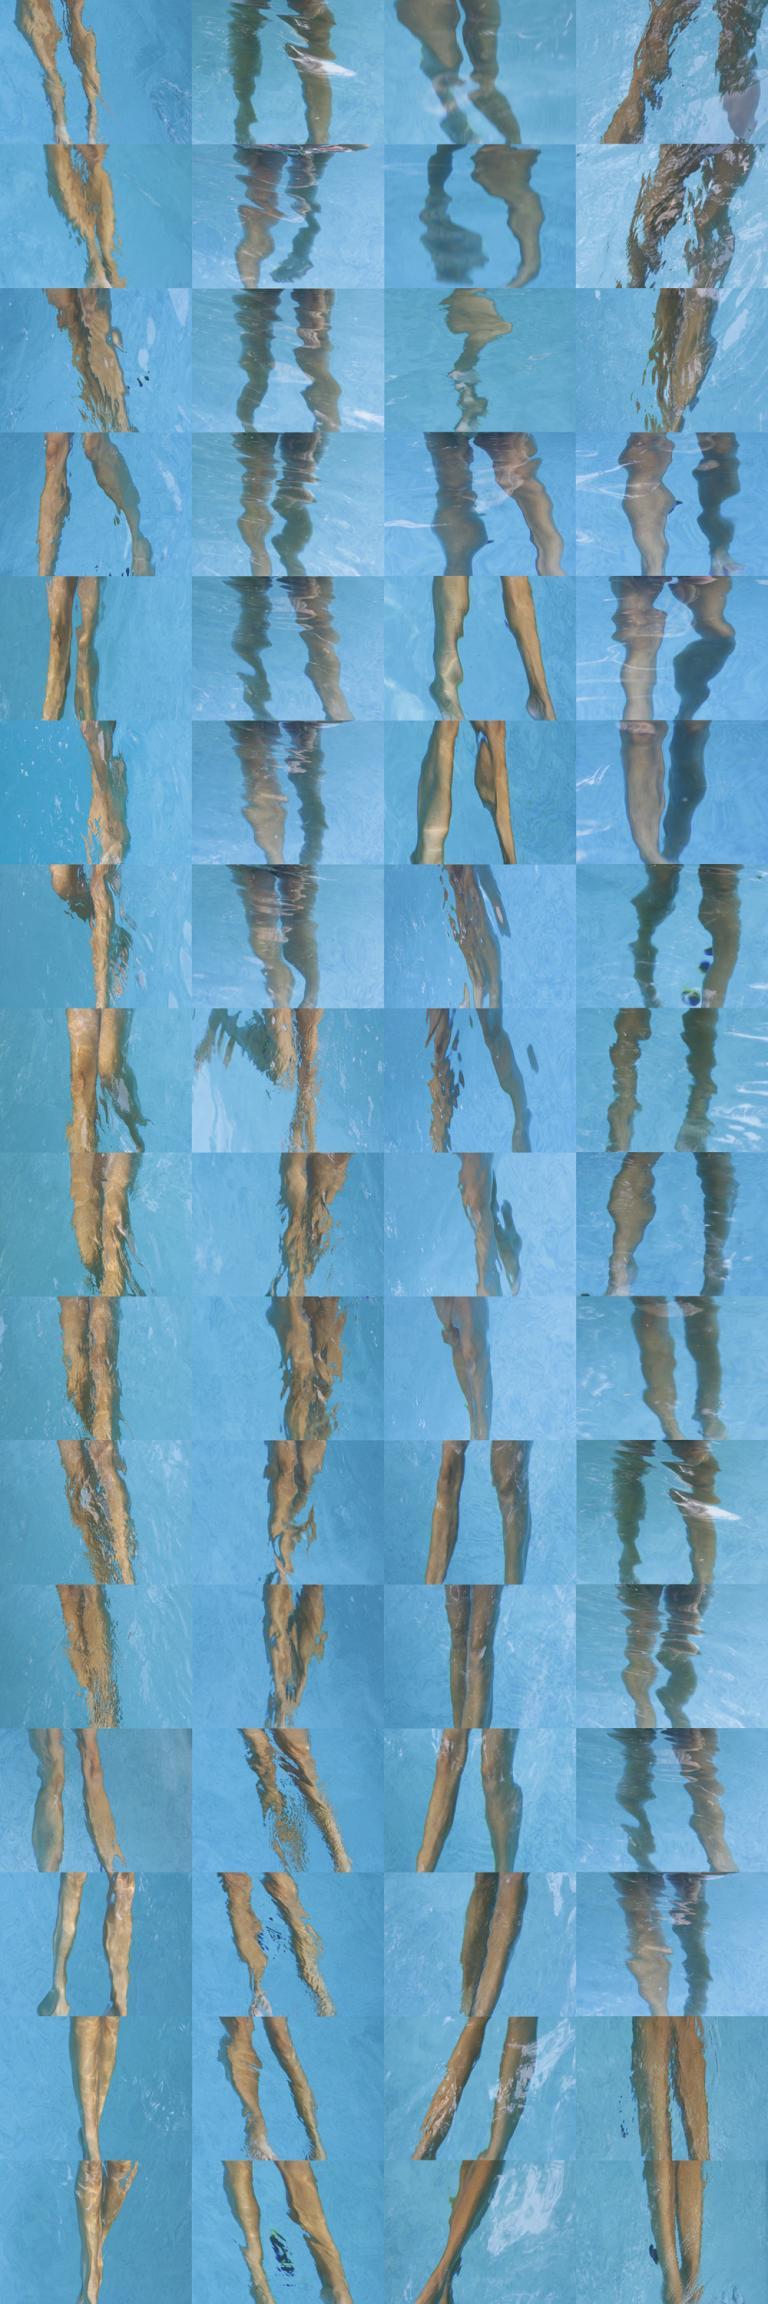 Simo Neri - Treading Water - 1